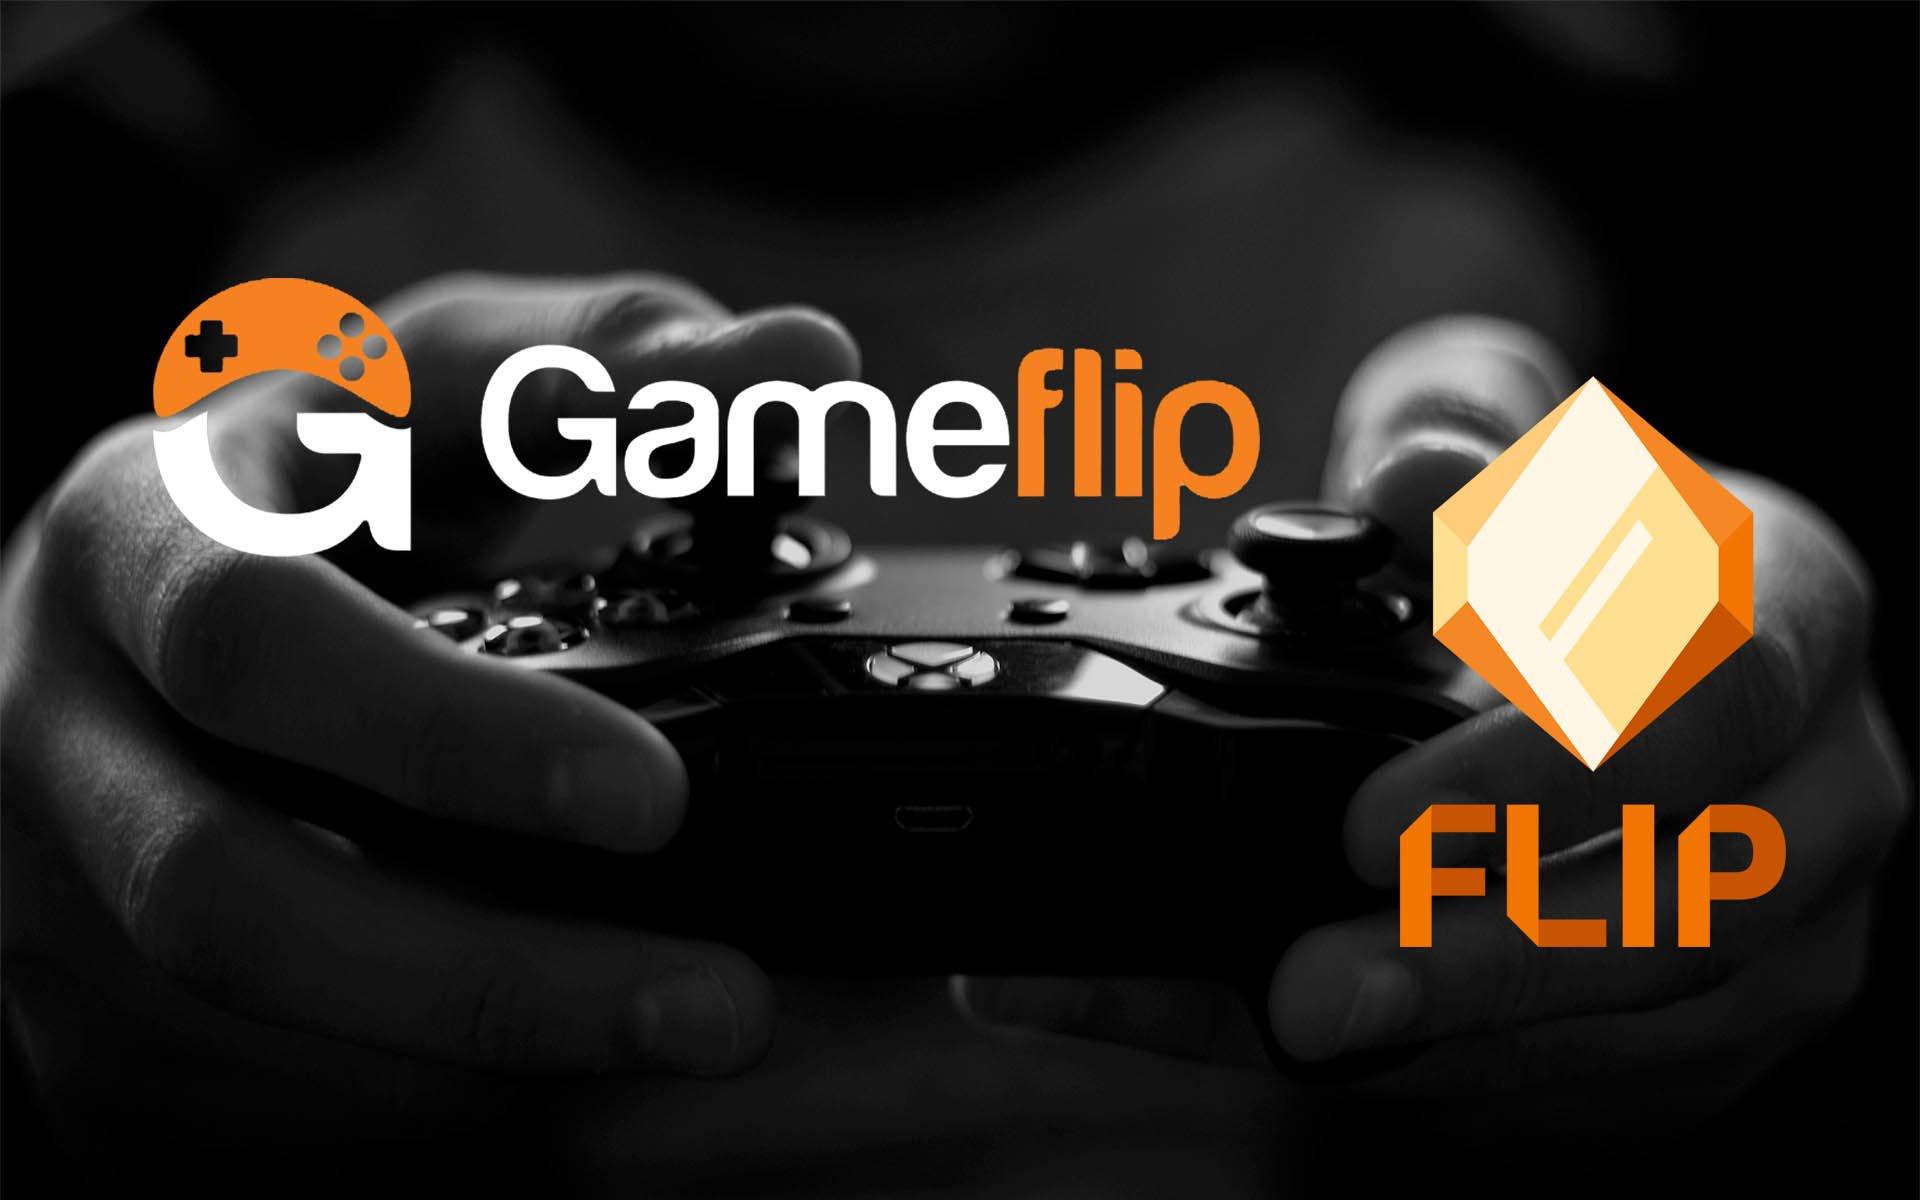 Gameflip Shatters FLIP Pre-Sale Goals, Sets Sights on December 4, 2017 ICO